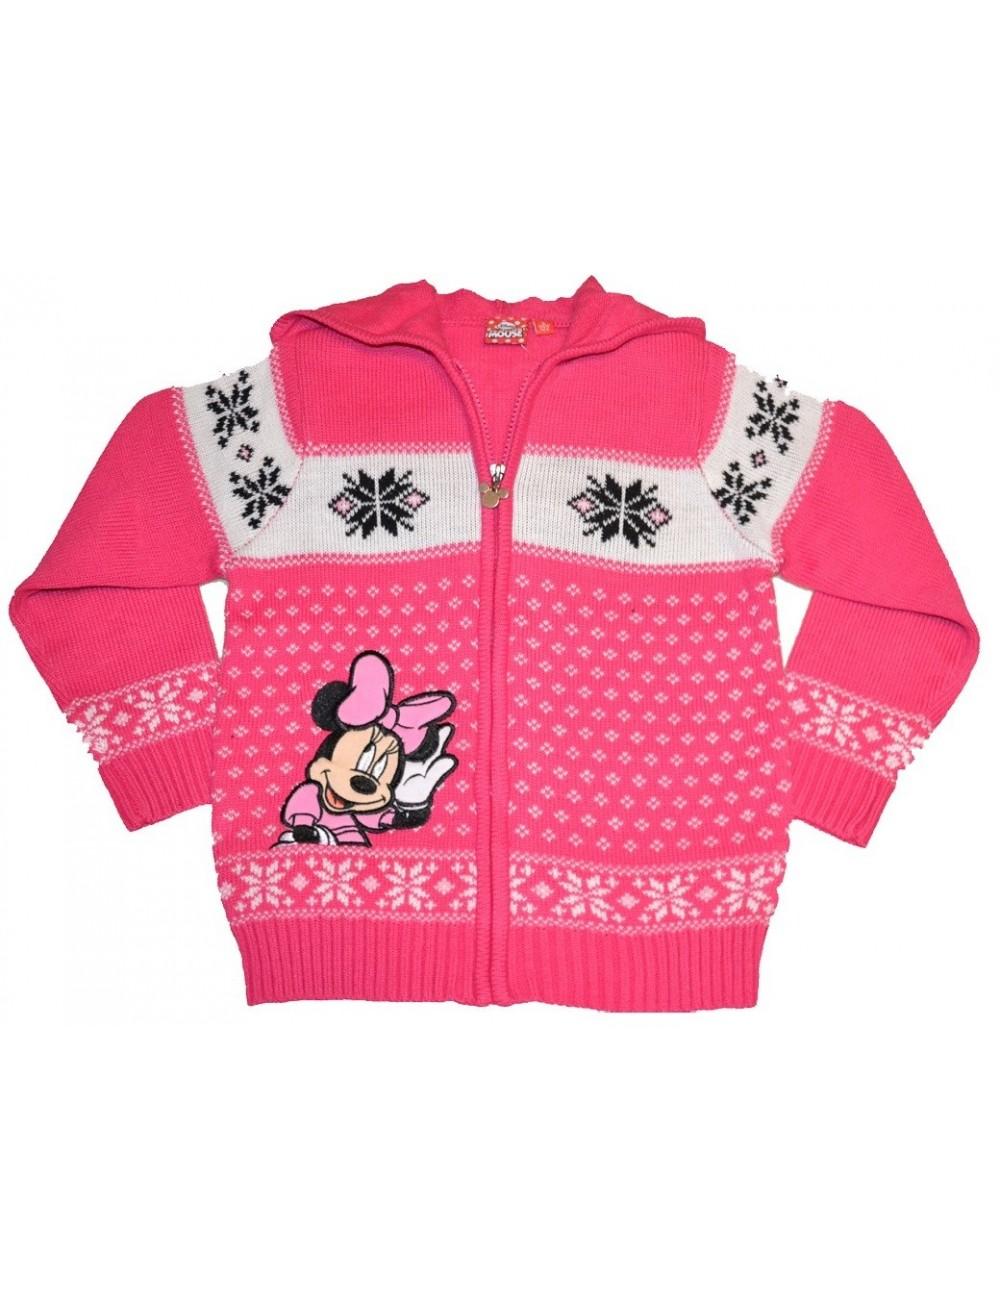 Pulover cu fermoar, Disney Minnie Mouse, 3 - 8 ani